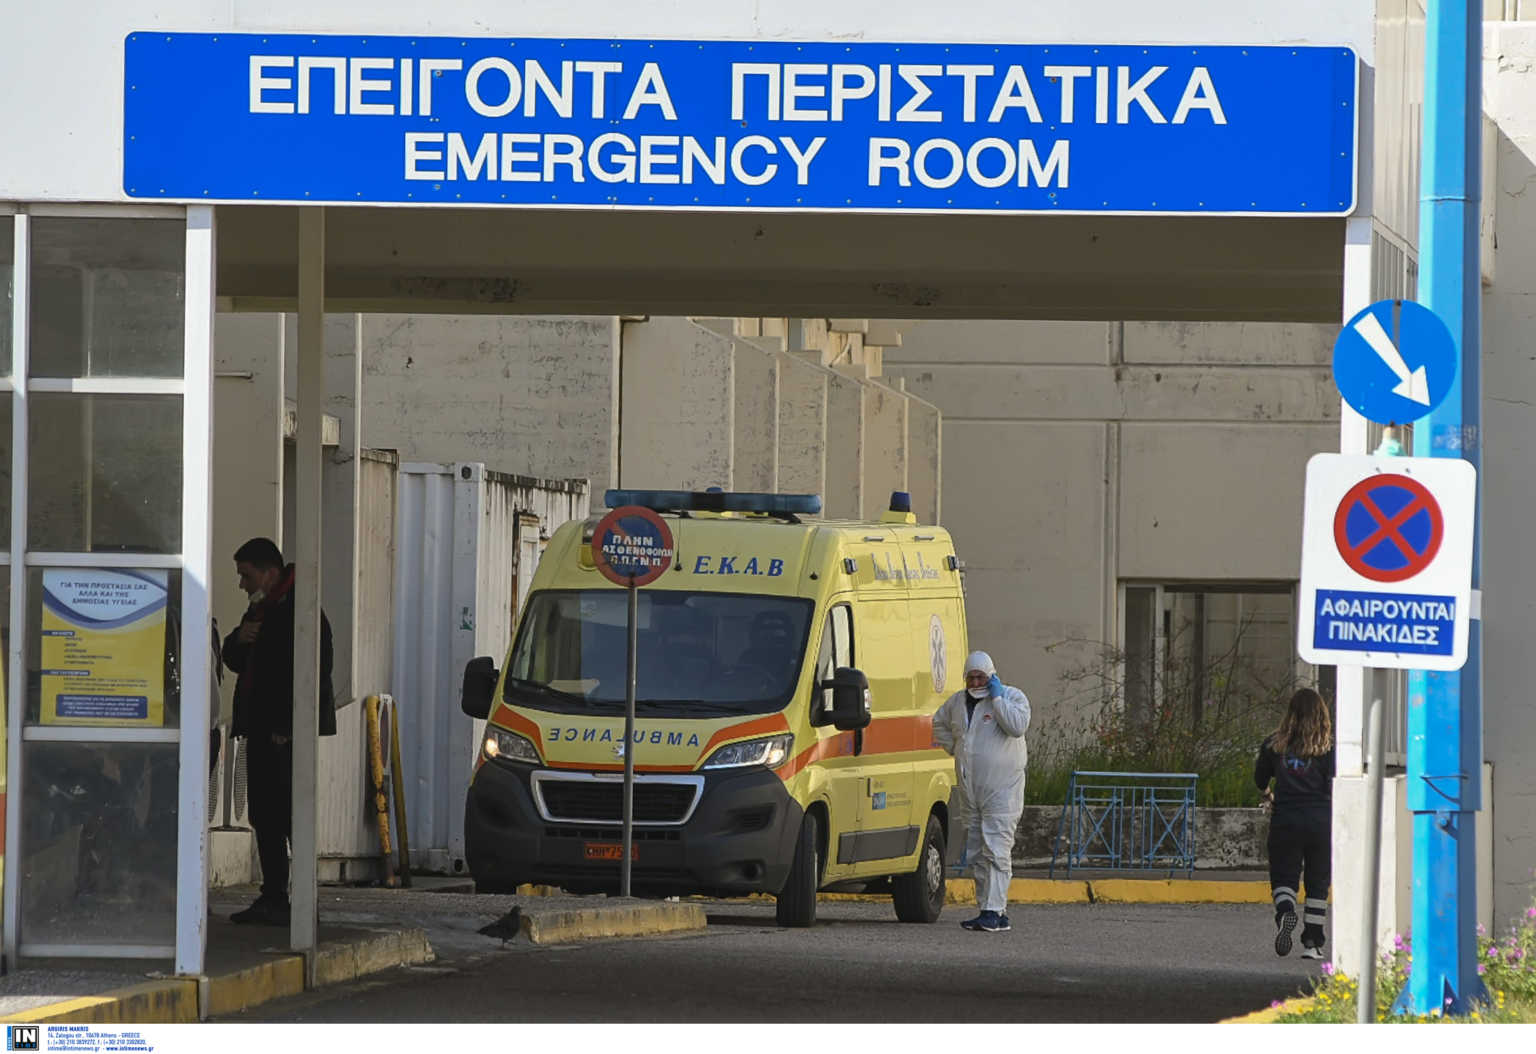 Σκέψεις να δοθεί το επίδομα των 800 ευρώ και σε γιατρούς, δικηγόρους, μηχανικούς